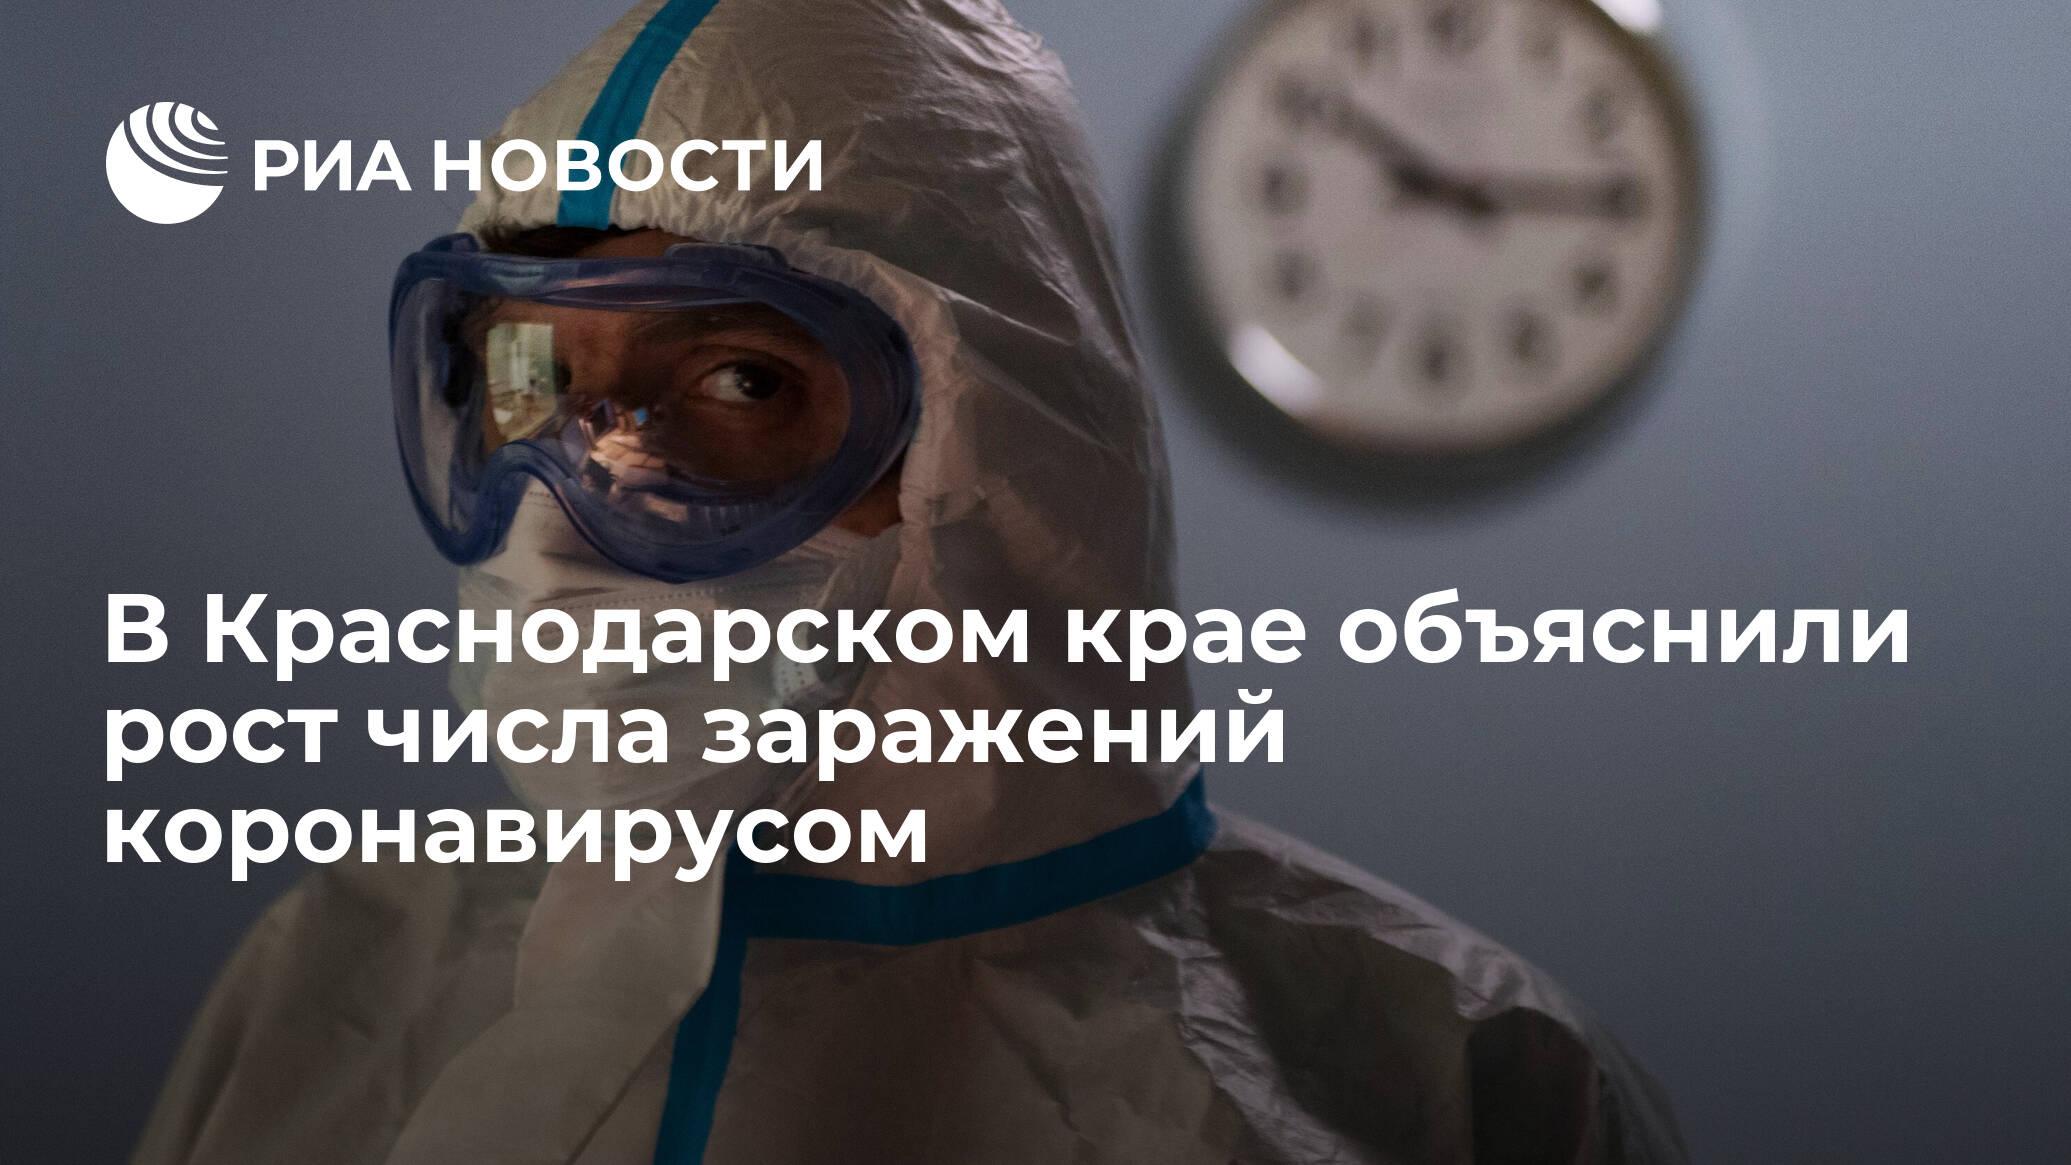 В Краснодарском крае объяснили рост числа заражений коронавирусом